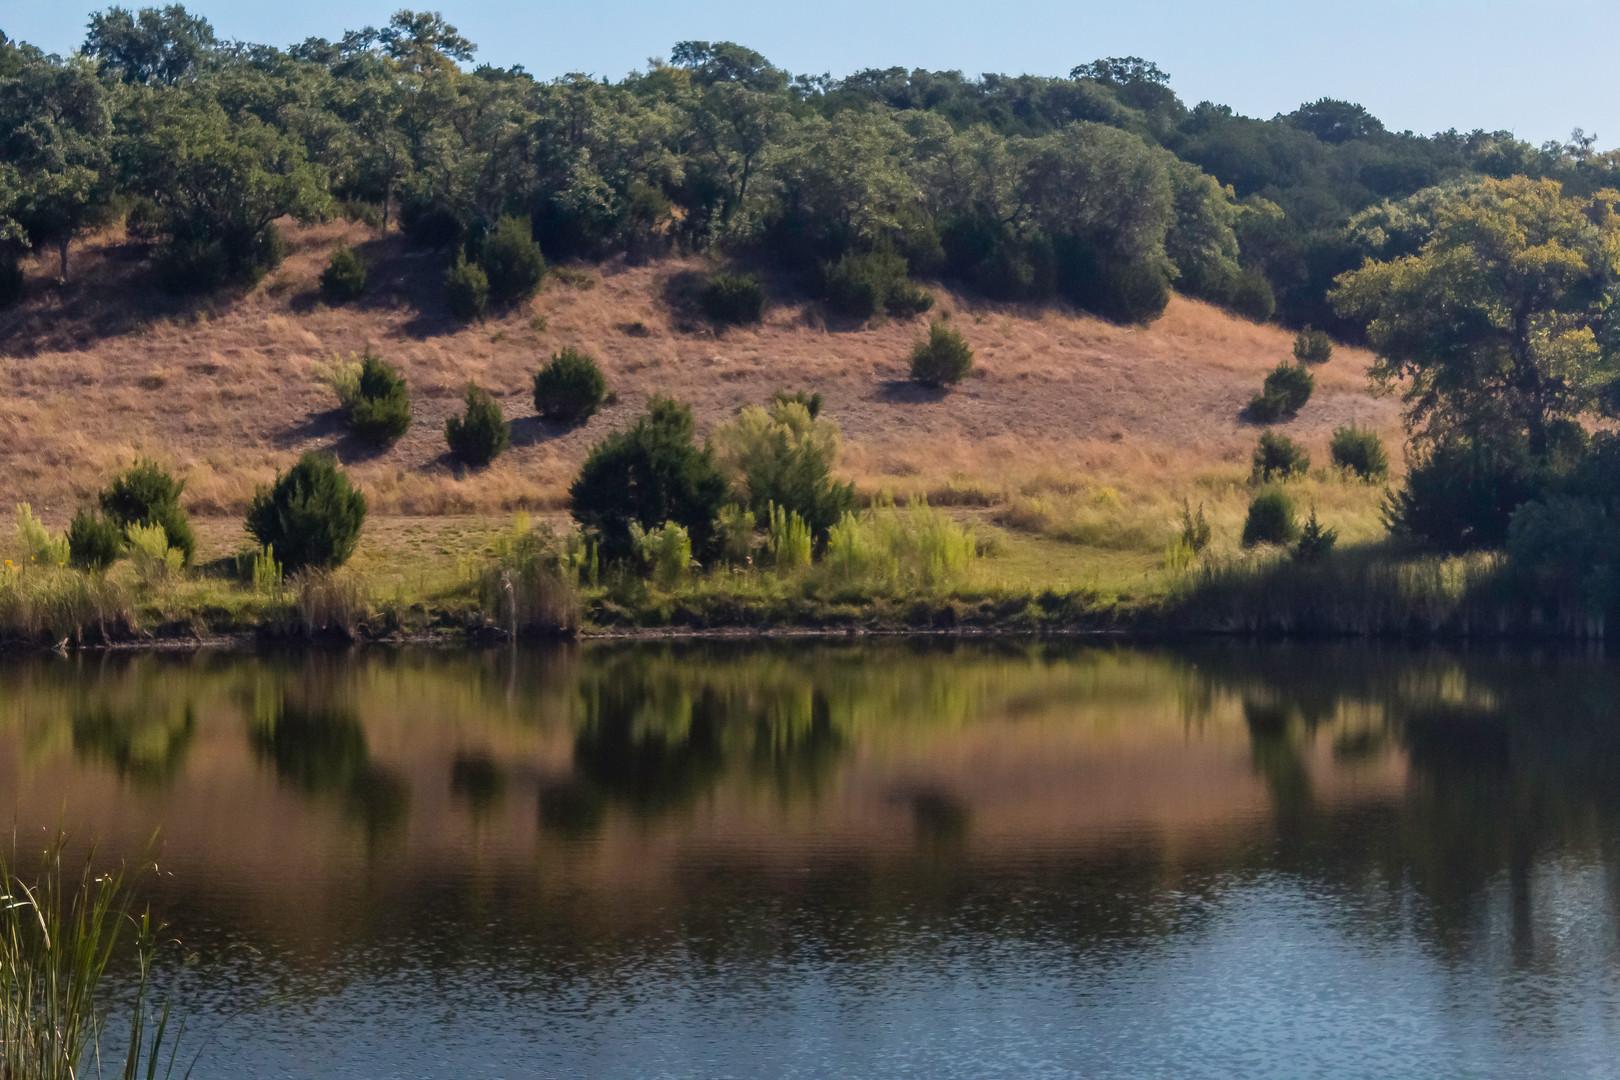 Landscapes_9550.jpg